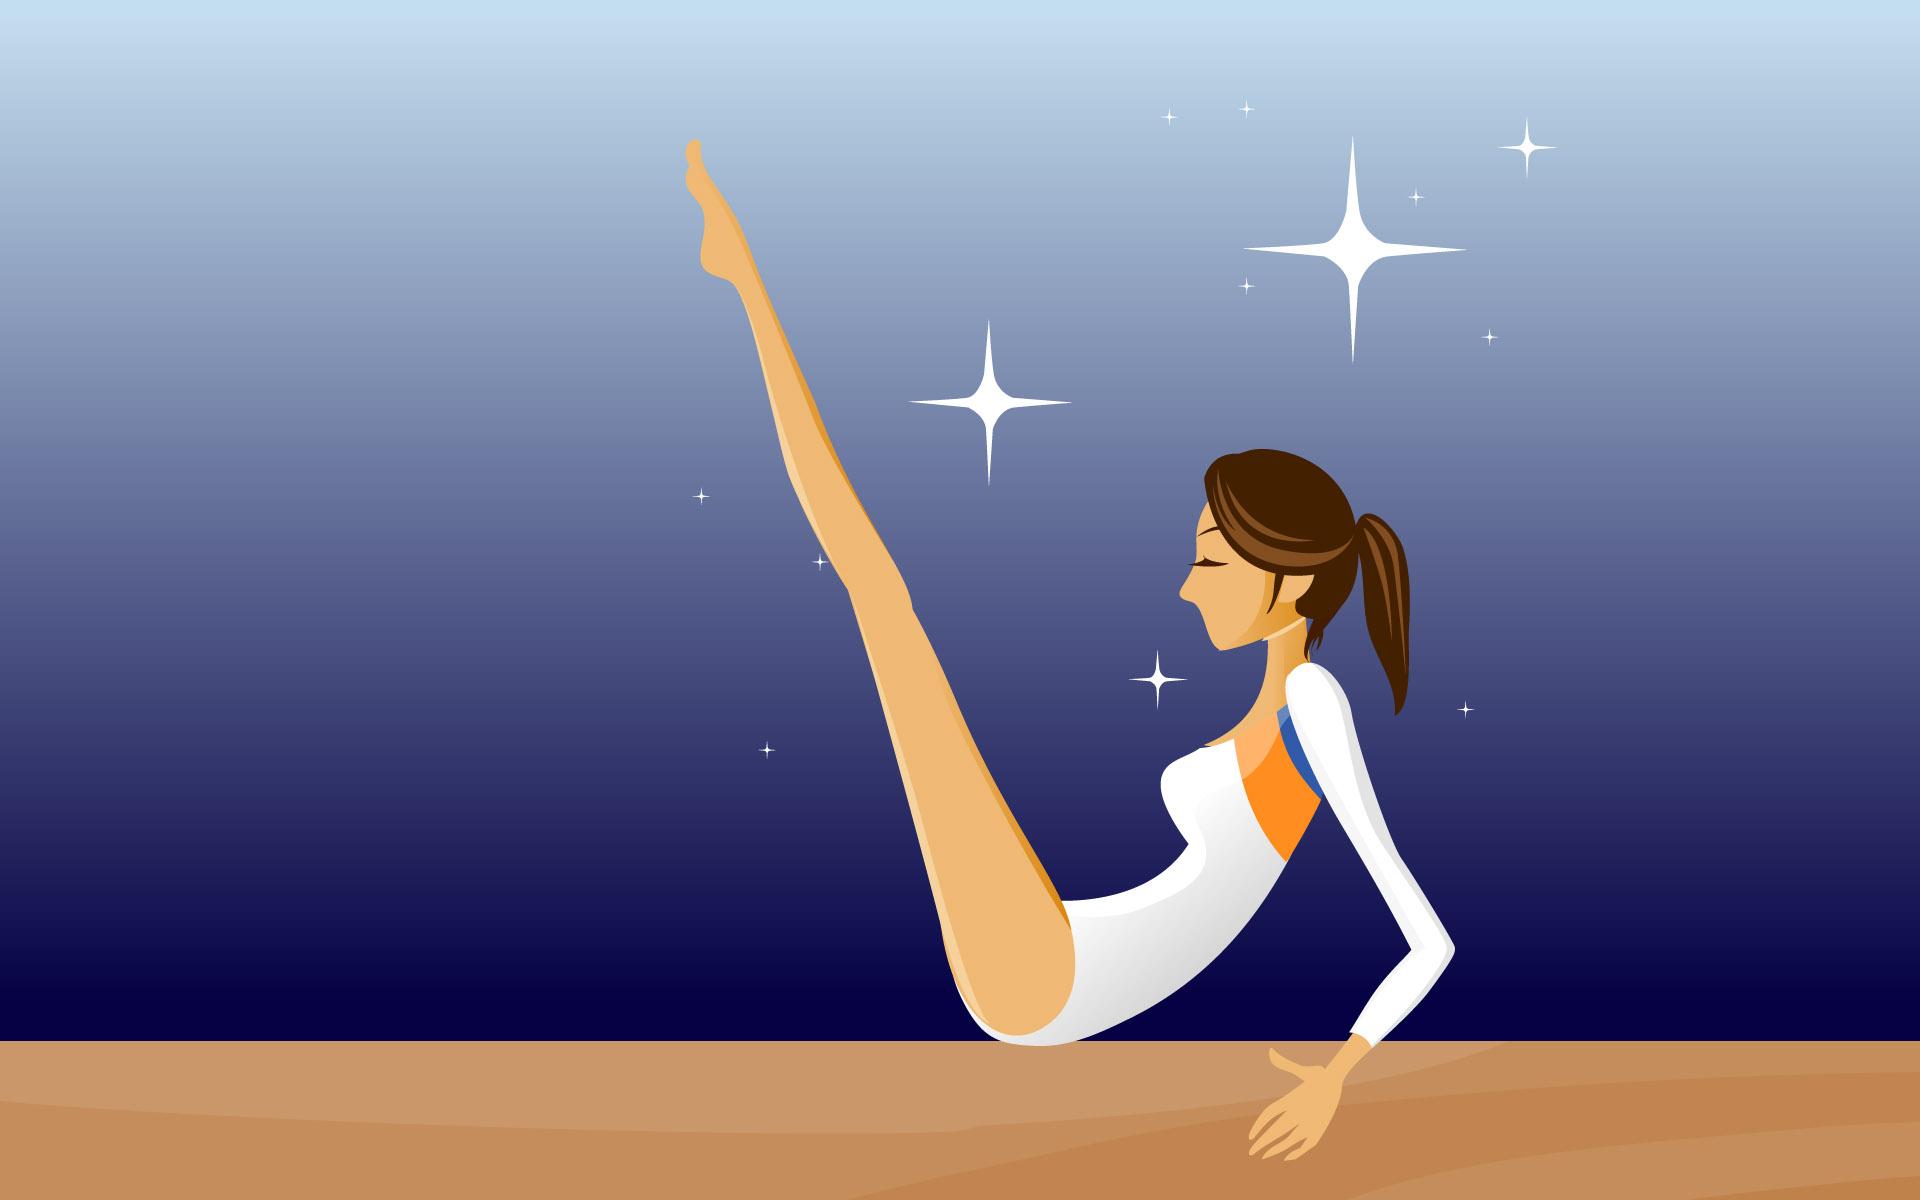 壁纸1920×1200女性休闲运动 2 16壁纸 女性休闲运动壁纸图片矢量壁纸矢量图片素材桌面壁纸